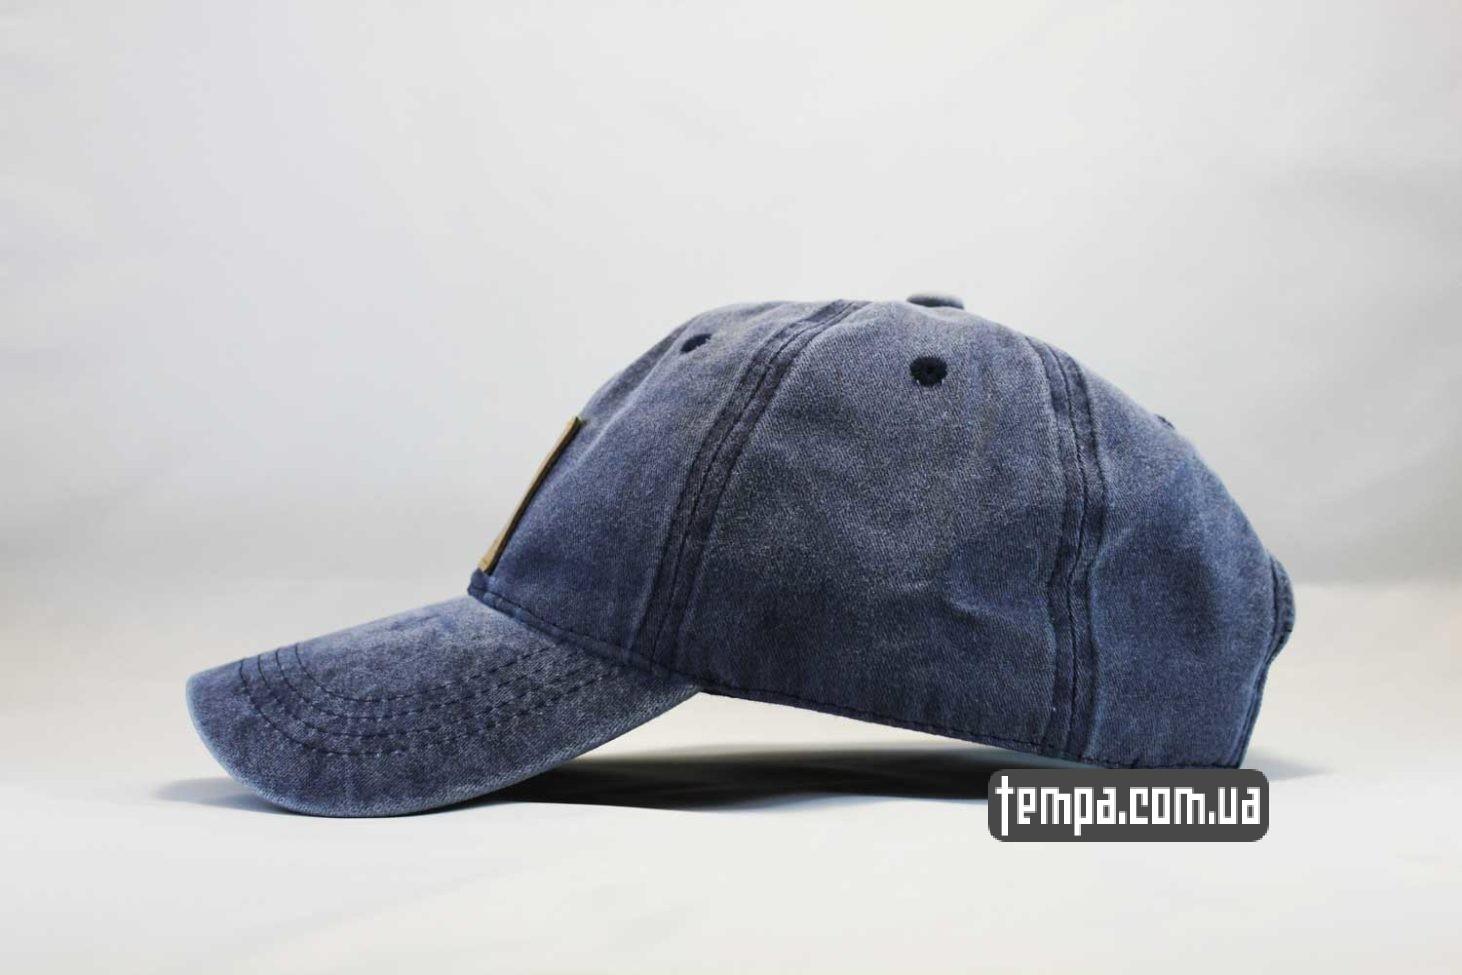 киев купить оригинал кепка Carhartt бейсболка джинсовая синяя купить